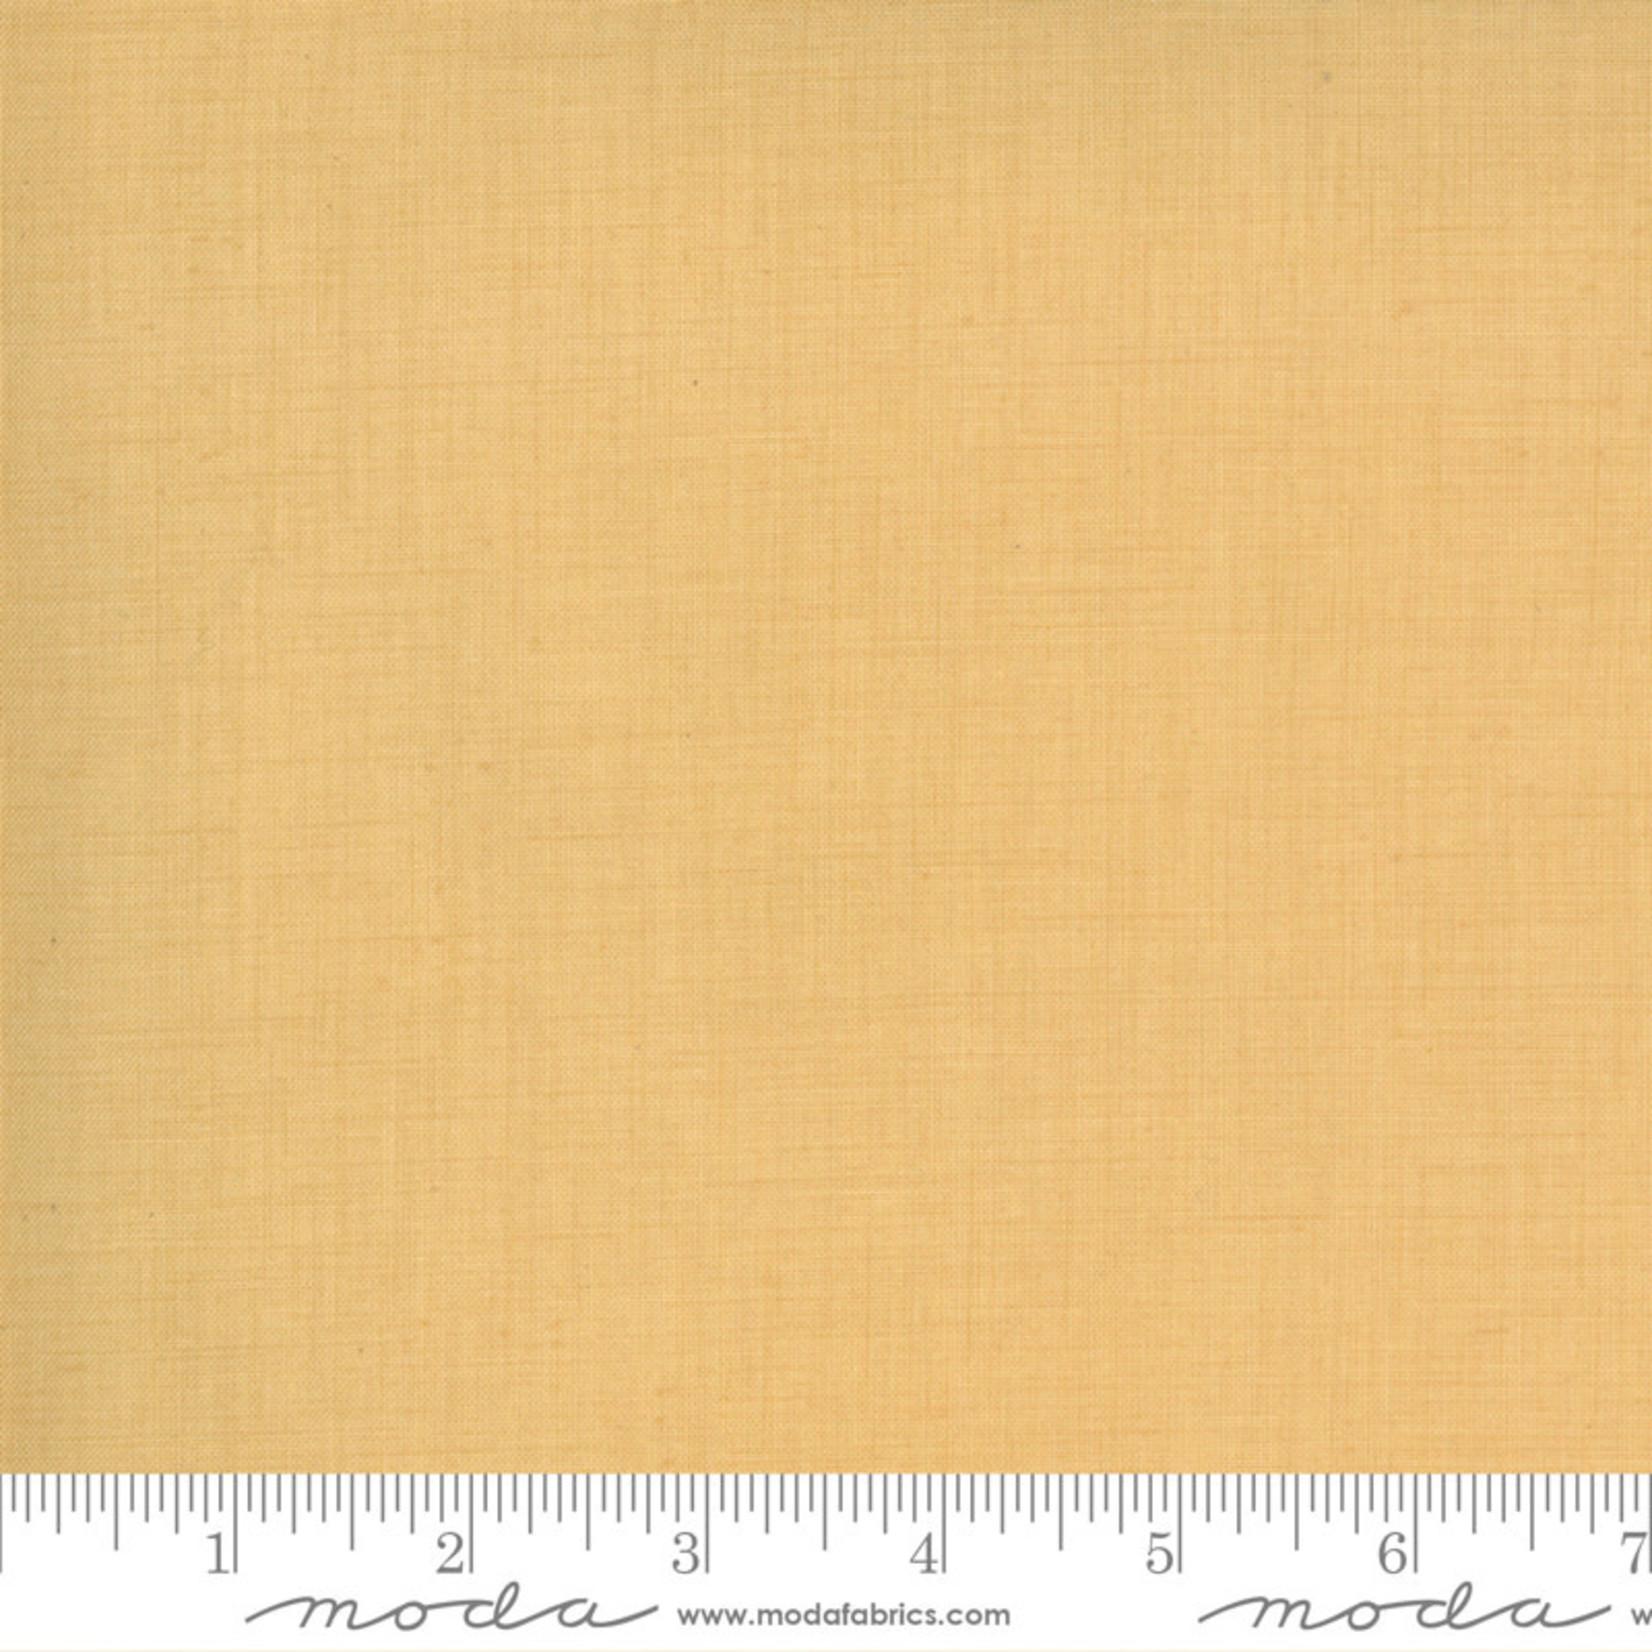 FRENCH GENERAL Jardins De Fleurs, Linen Texture, Saffron 13529-168 $0.20 per cm or $20/m